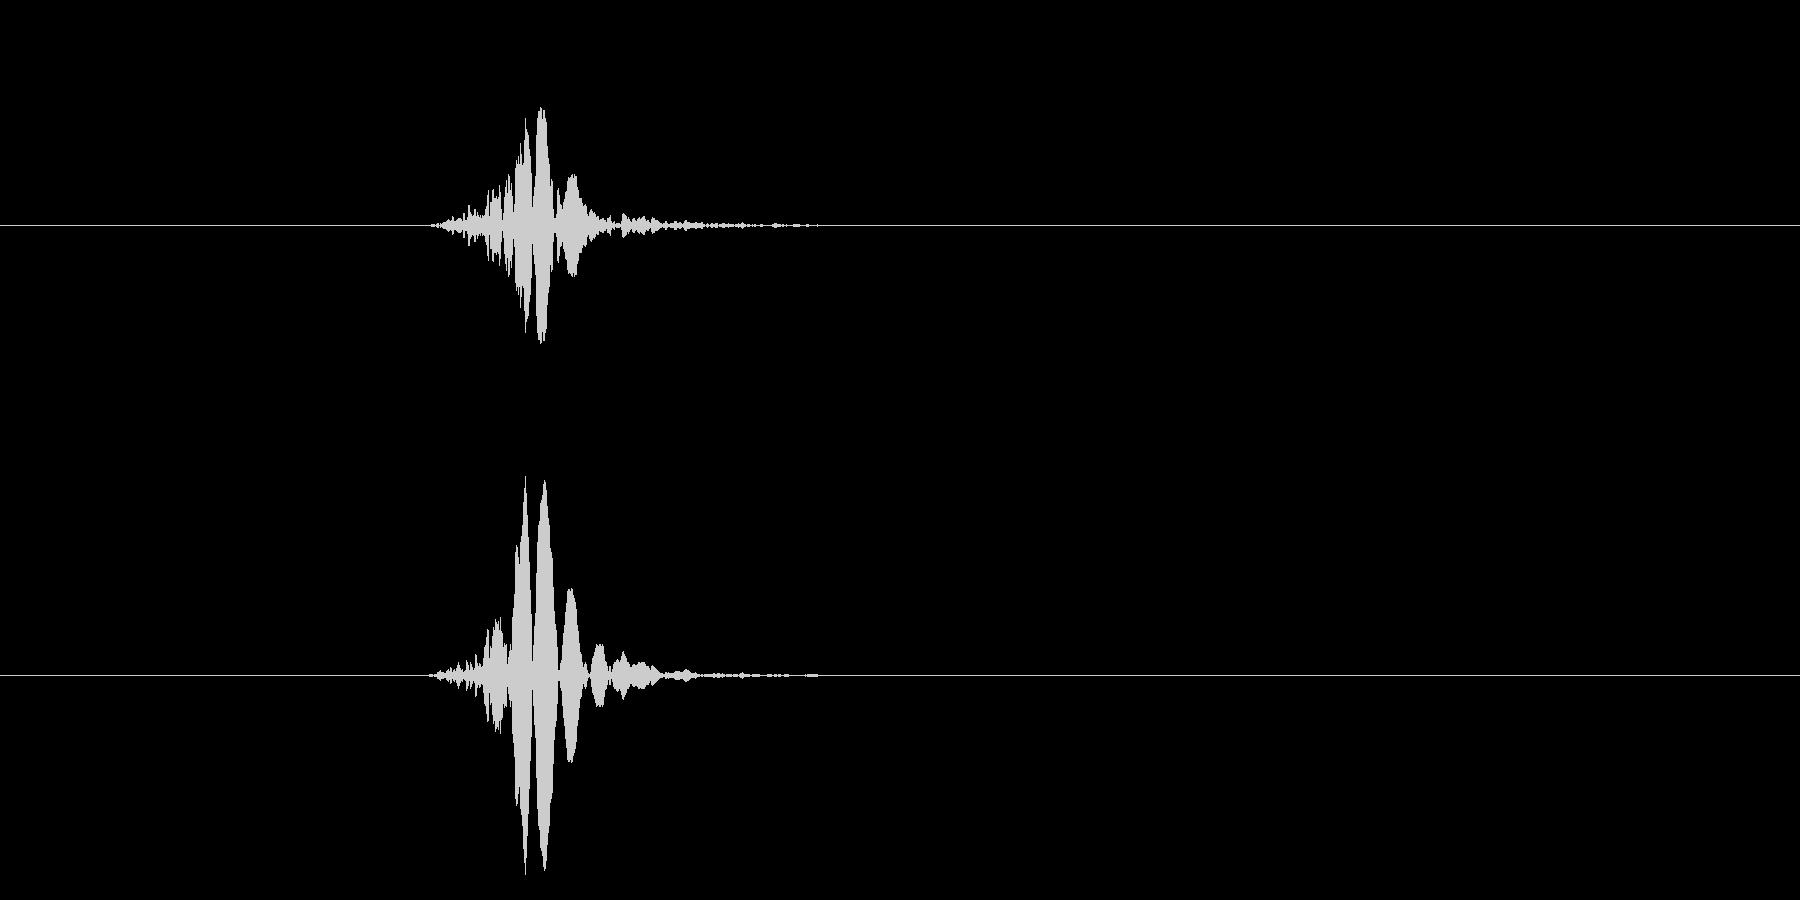 空振り、風切り音1の未再生の波形